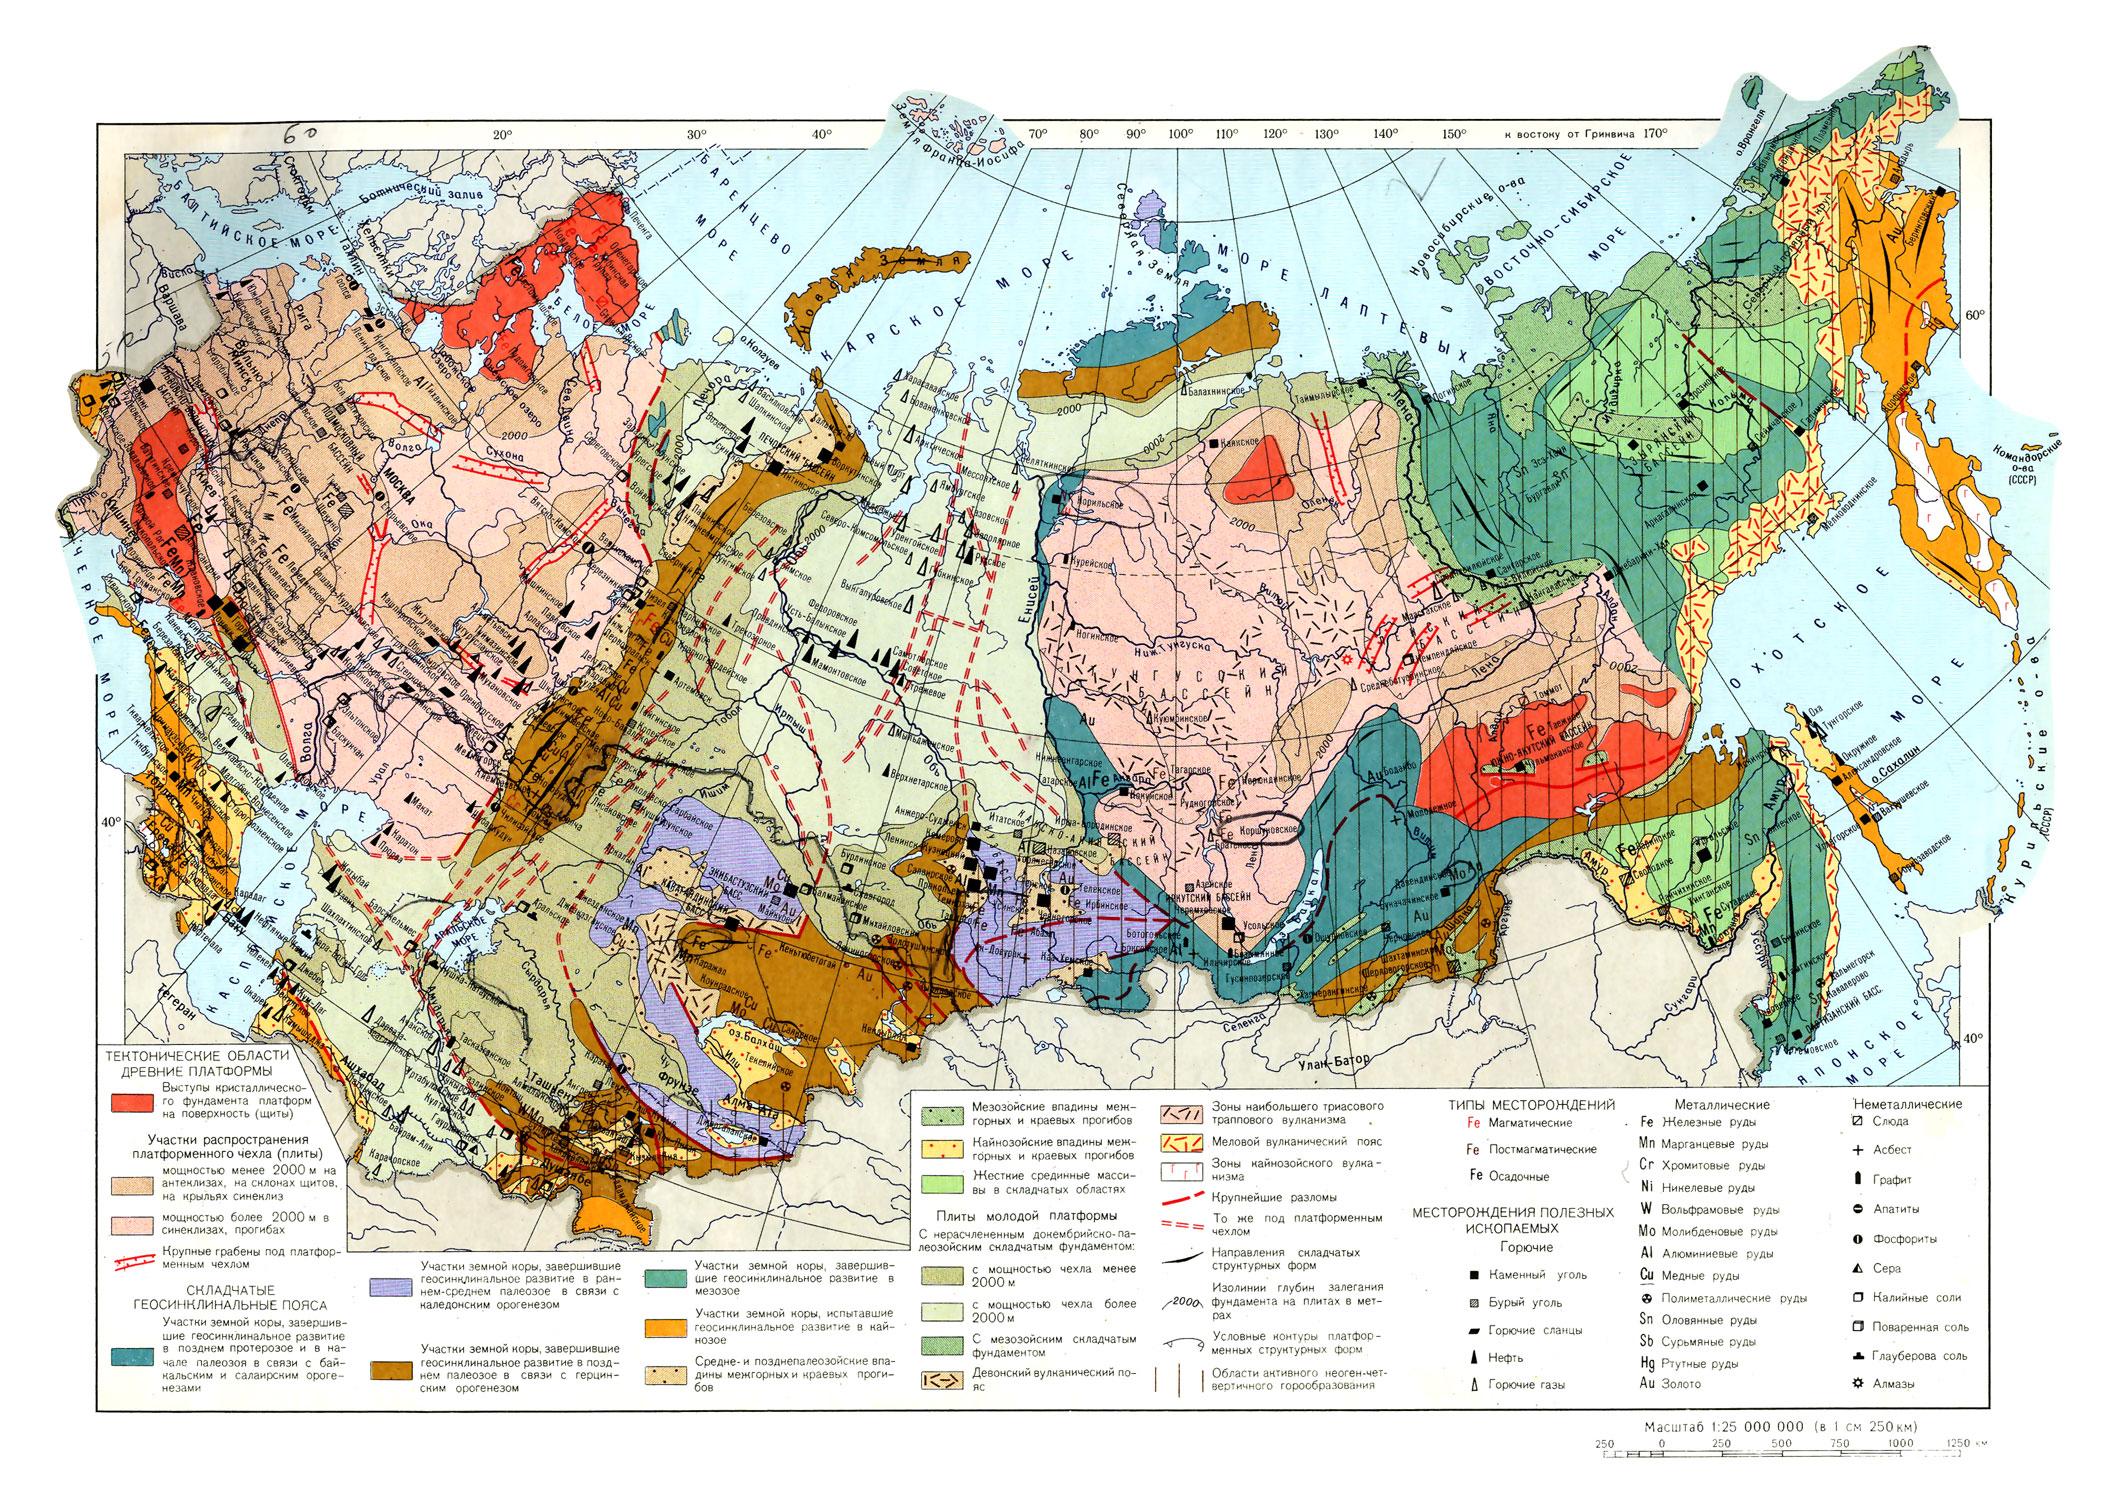 В 2012 году в России будет введена новая классификация запасов полезных ископаемых.